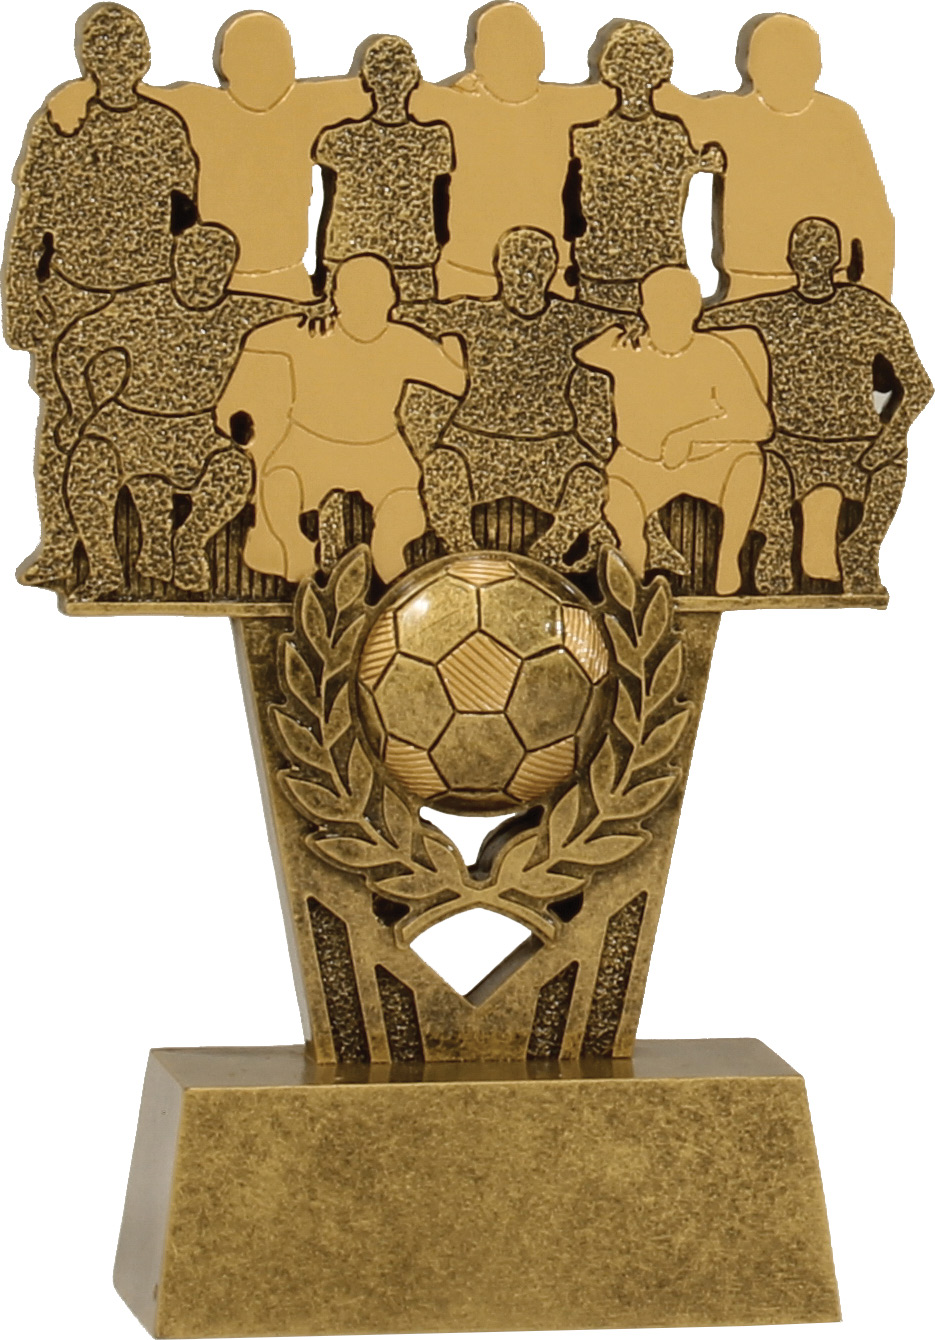 Football - The Team